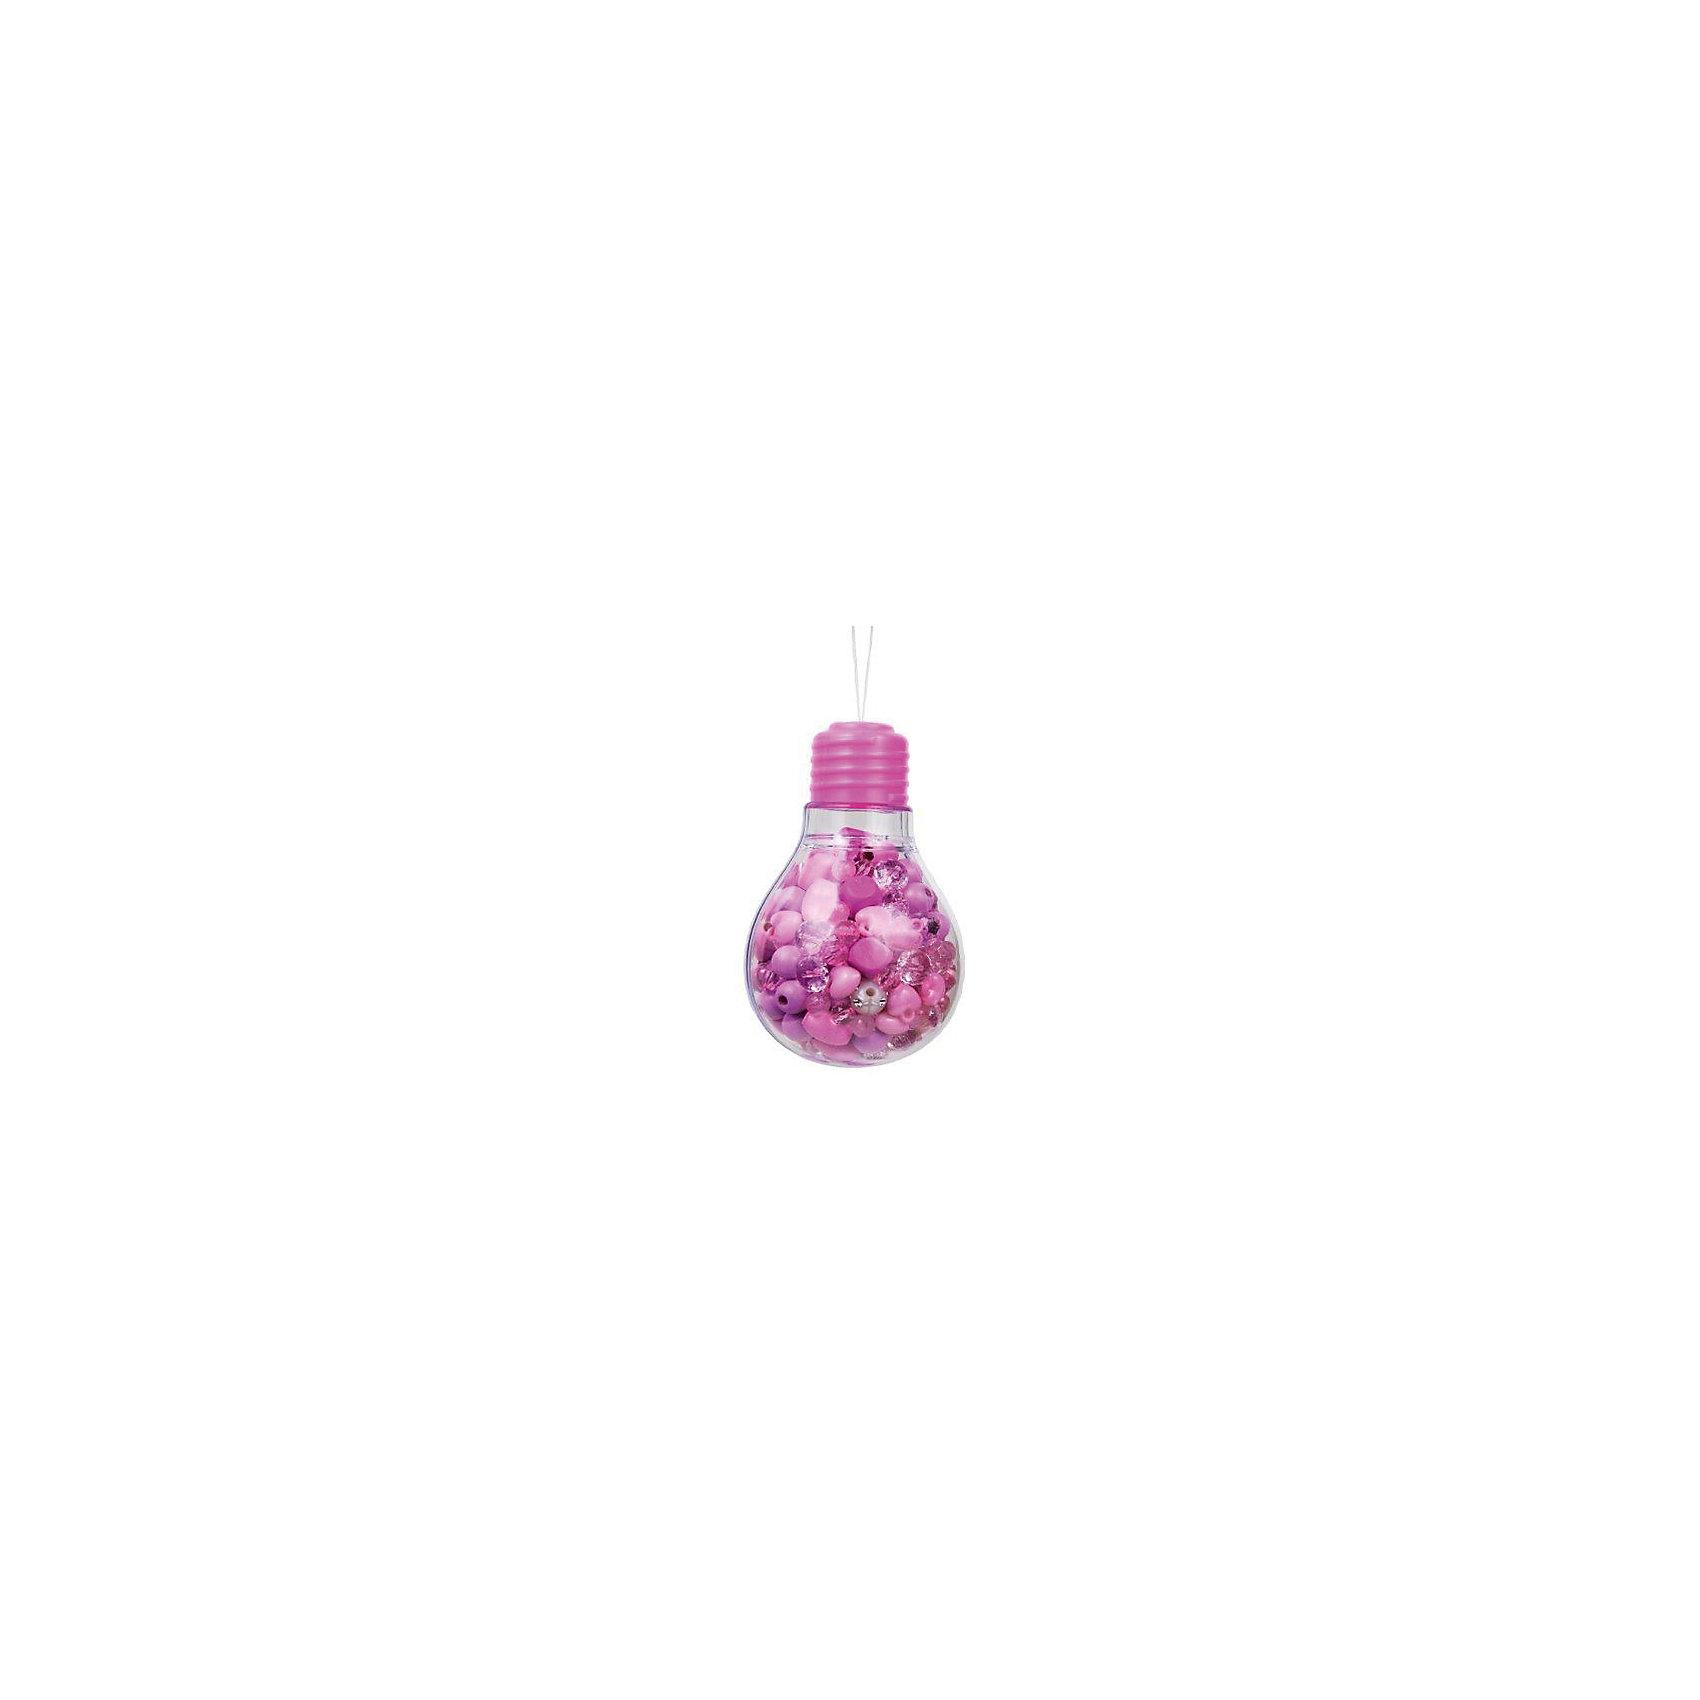 Набор бусин Пурпурная лампочкаВ Наборе бусин Пурпурная лампочка есть все самое необходимое для создания разнообразных бус, колье или браслетов: яркие бусинки и хлопковые веревочки. Разные фактуры и формы бусин научат комбинировать и подходить к процессу творчески, проявлять дизайнерские навыки. Все элементы для будущих колье и браслетов подобраны так, что подойдут к любому наряду. Маленькой моднице остается только менять праздничные платья!<br><br>Комплектация: деревянные и пластиковые бусины, хлопковые веревочки, инструкция по сборке<br><br>Дополнительная информация:<br>-Цвет: фиолетовый, розовый<br>-Оригинальная упаковка в виде лампочки<br>-Развивает: воображение, творческие способности, усидчивость, мелкую моторику, координацию движений, комбинаторные способности, аккуратность<br>-Вес в упаковке: 260 г<br>-Размеры в упаковке: 8х8х12 см<br>-Материалы: дерево, текстиль, пластик<br><br>Замечательный Набор бусин Пурпурная лампочка обязательно понравится Вашей девочке, ведь она самостоятельно сможет создавать эксклюзивные украшения, чтобы сделать свой образ еще более красивым и модным! <br><br>Набор бусин Пурпурная лампочка можно купить в нашем магазине.<br><br>Ширина мм: 80<br>Глубина мм: 80<br>Высота мм: 120<br>Вес г: 260<br>Возраст от месяцев: 48<br>Возраст до месяцев: 108<br>Пол: Женский<br>Возраст: Детский<br>SKU: 4278030